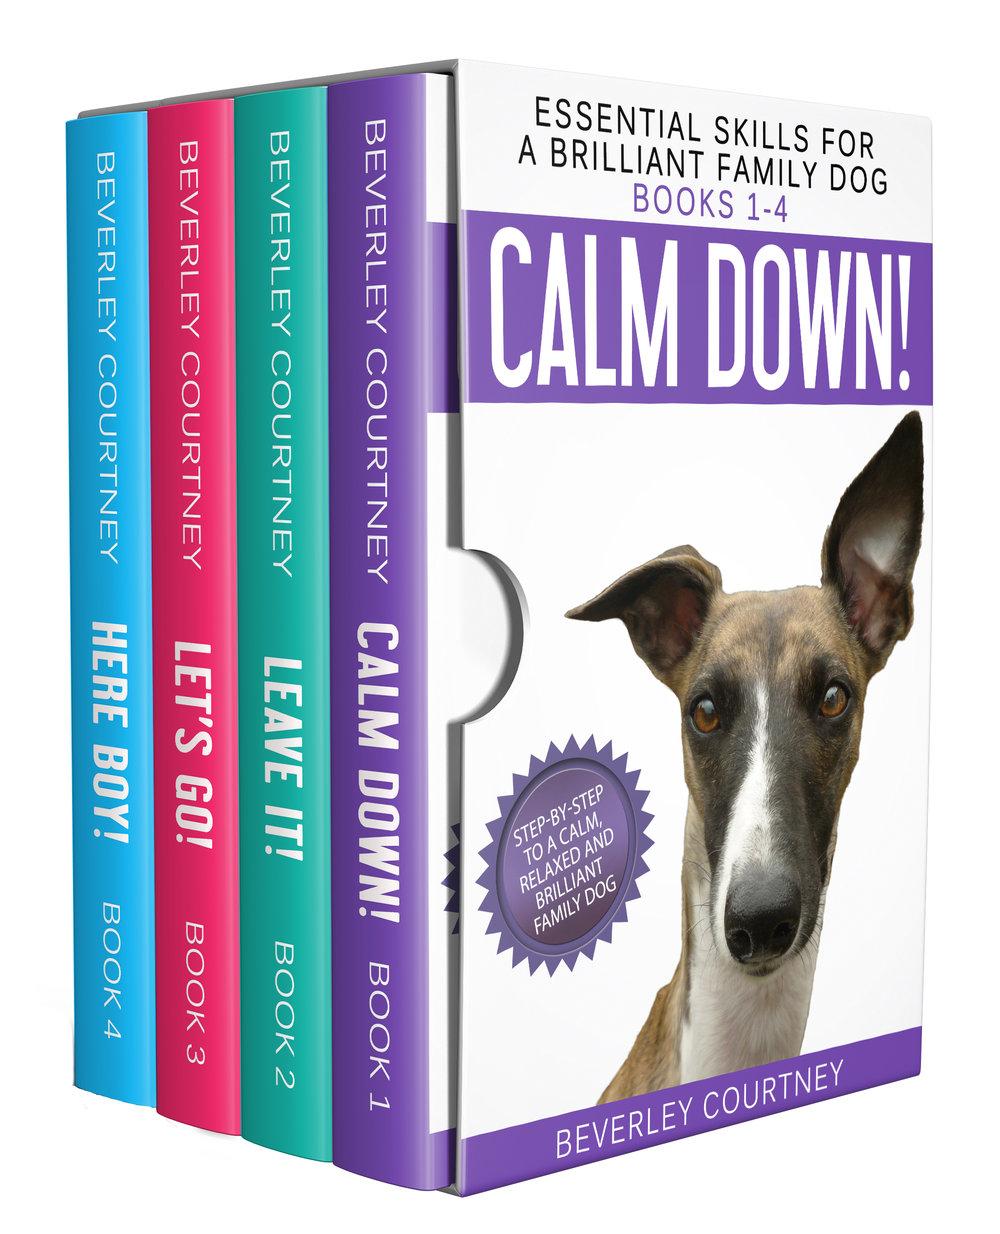 Dog training, puppy training | Boxset of Essential Skills for a Brilliant Family Dog, books 1-4  | CLICK FOR DETAILS | www.brilliantfamilydog.com